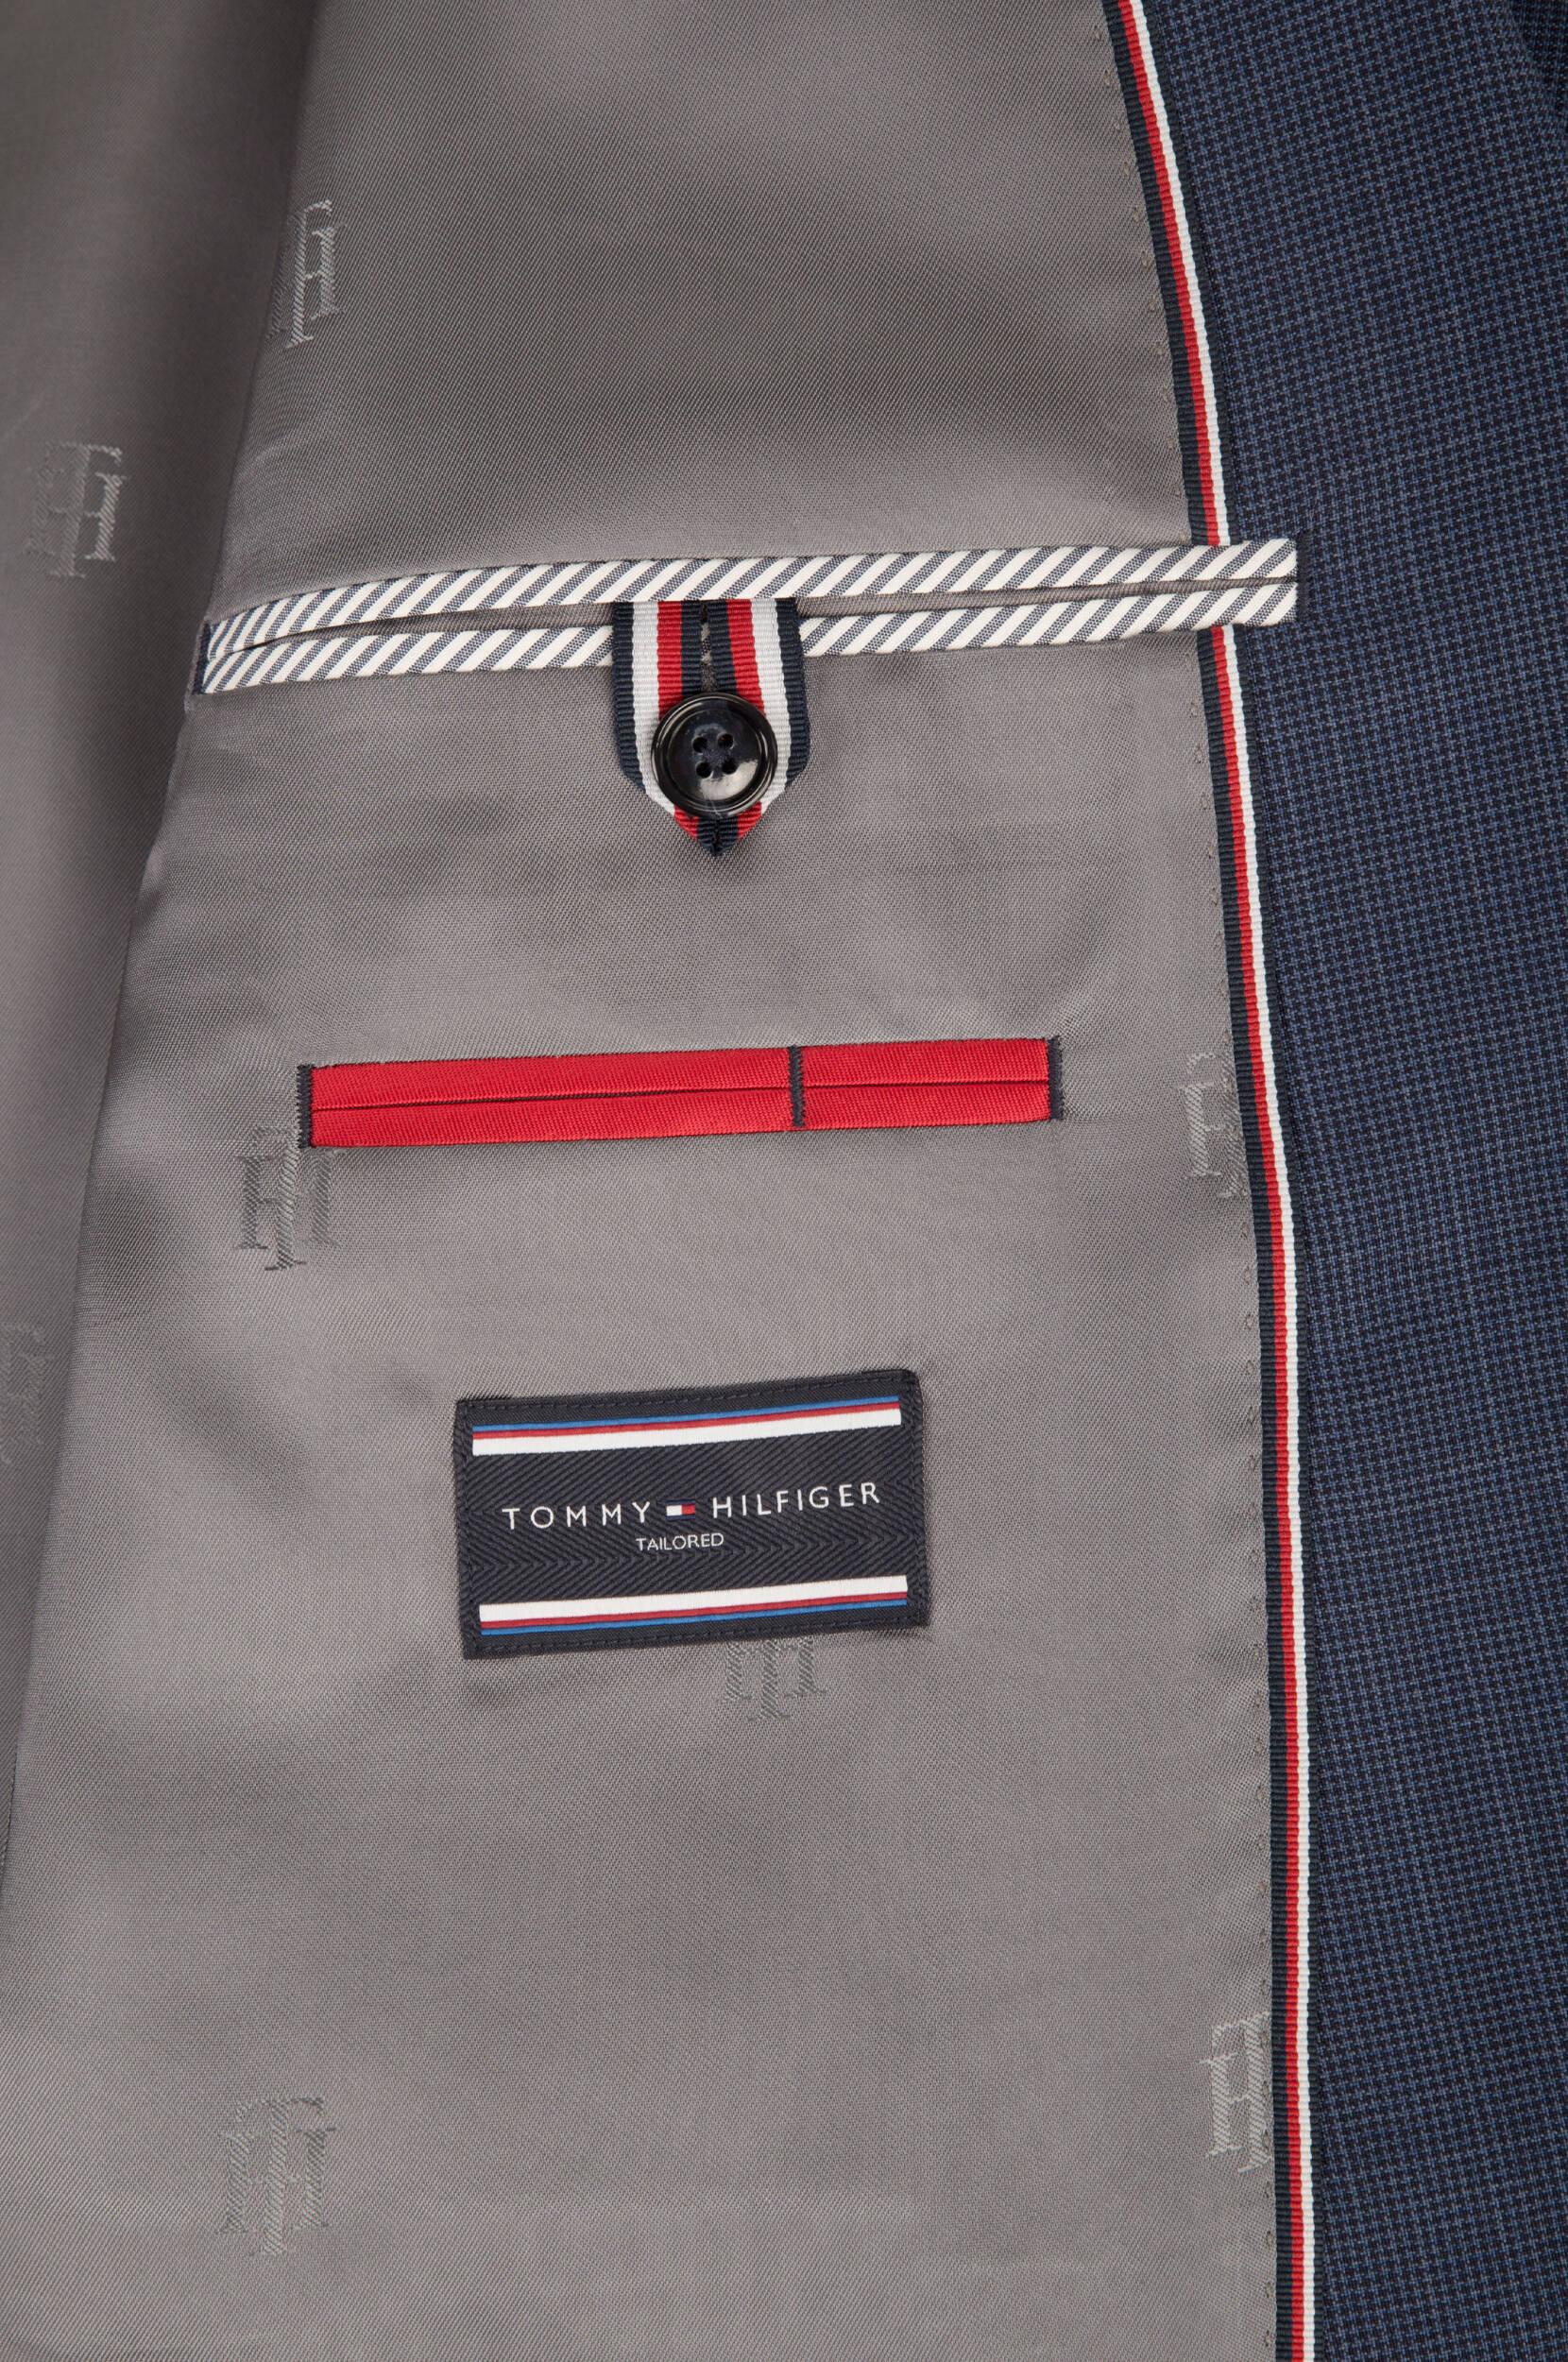 71e9f85366e Suit MIK-HMT Tommy Hilfiger Tailored